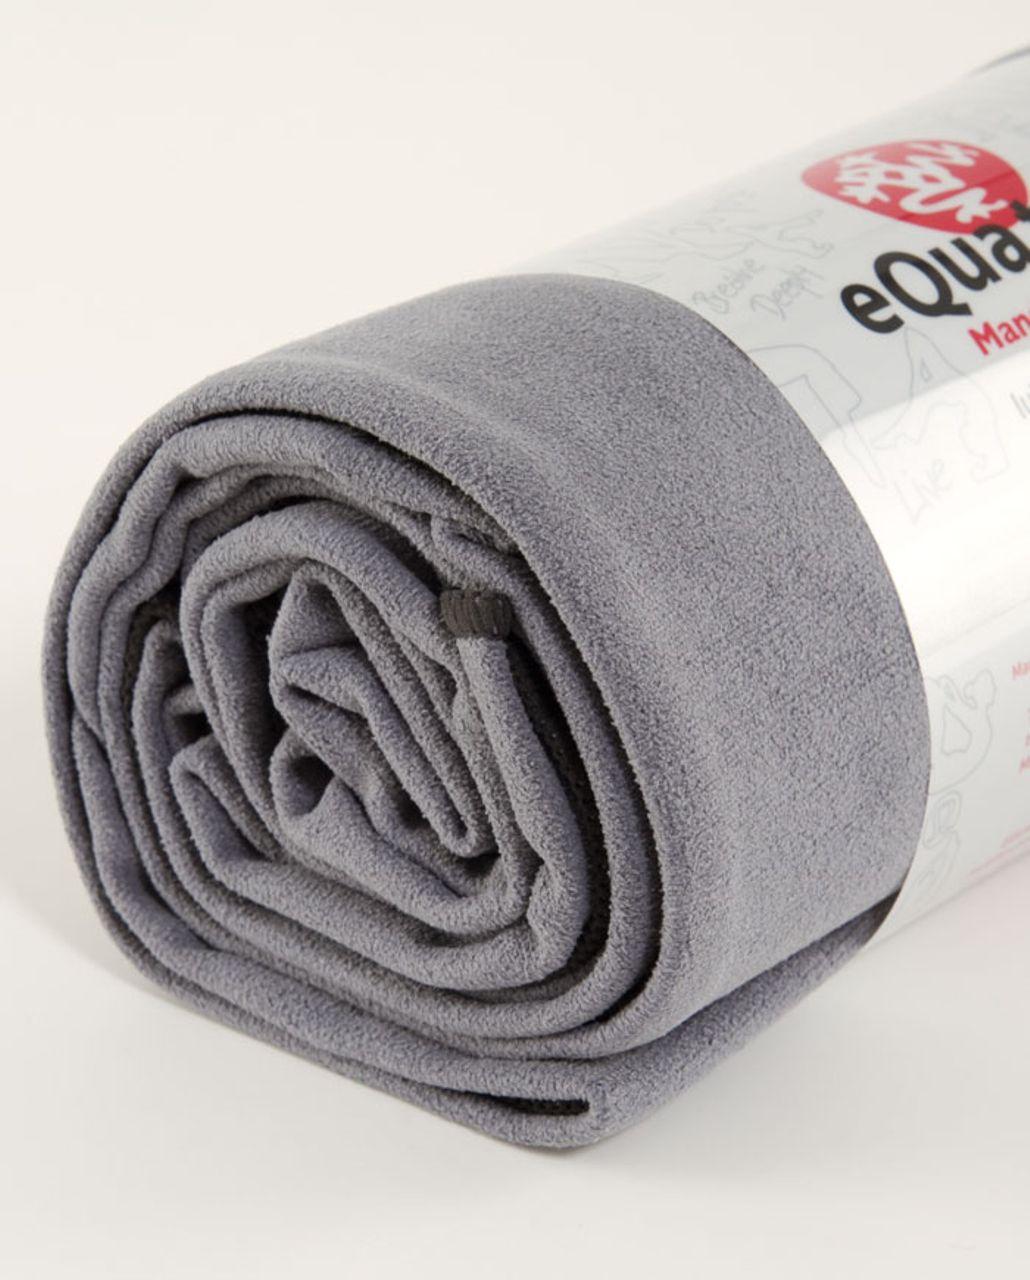 Lululemon Manduka Equa Towel (LG) - Blurred Grey